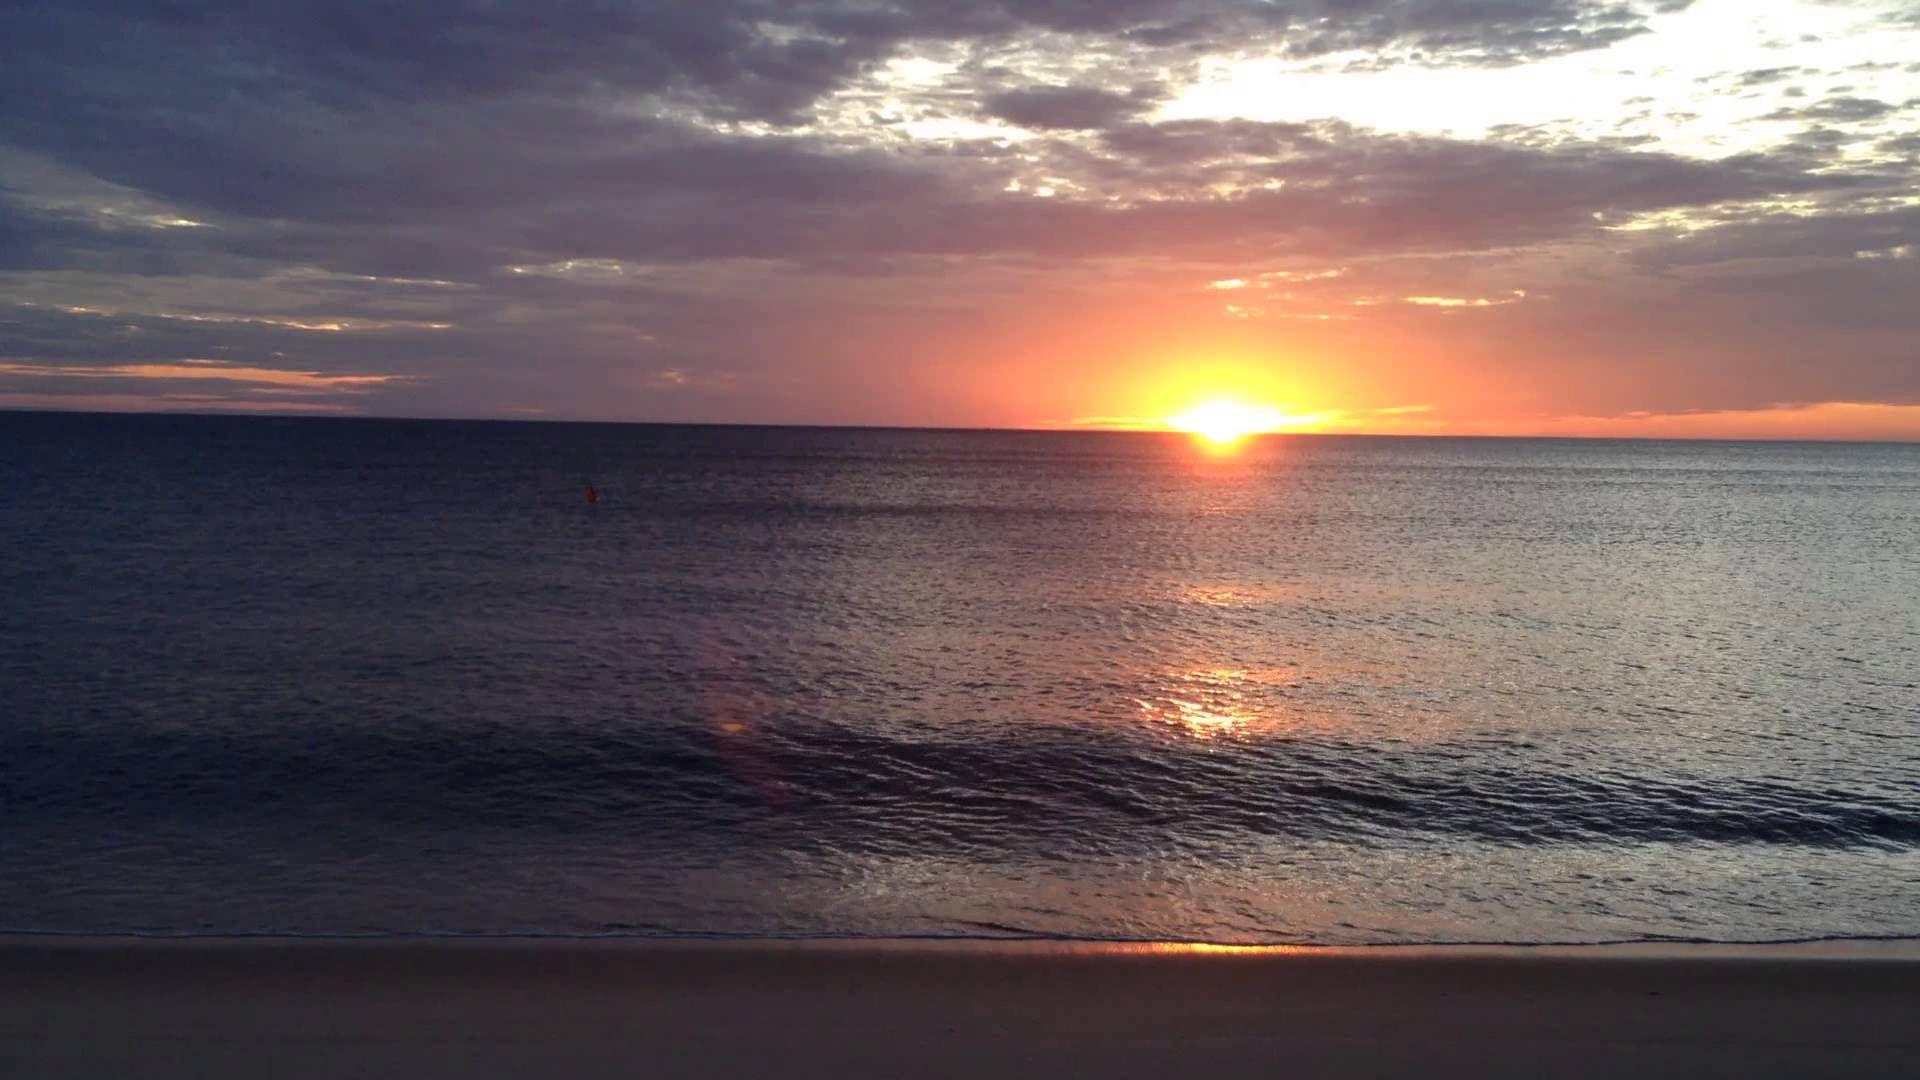 Ánh bình minh lên khi mặt trời đi qua đường chân trời biển xa